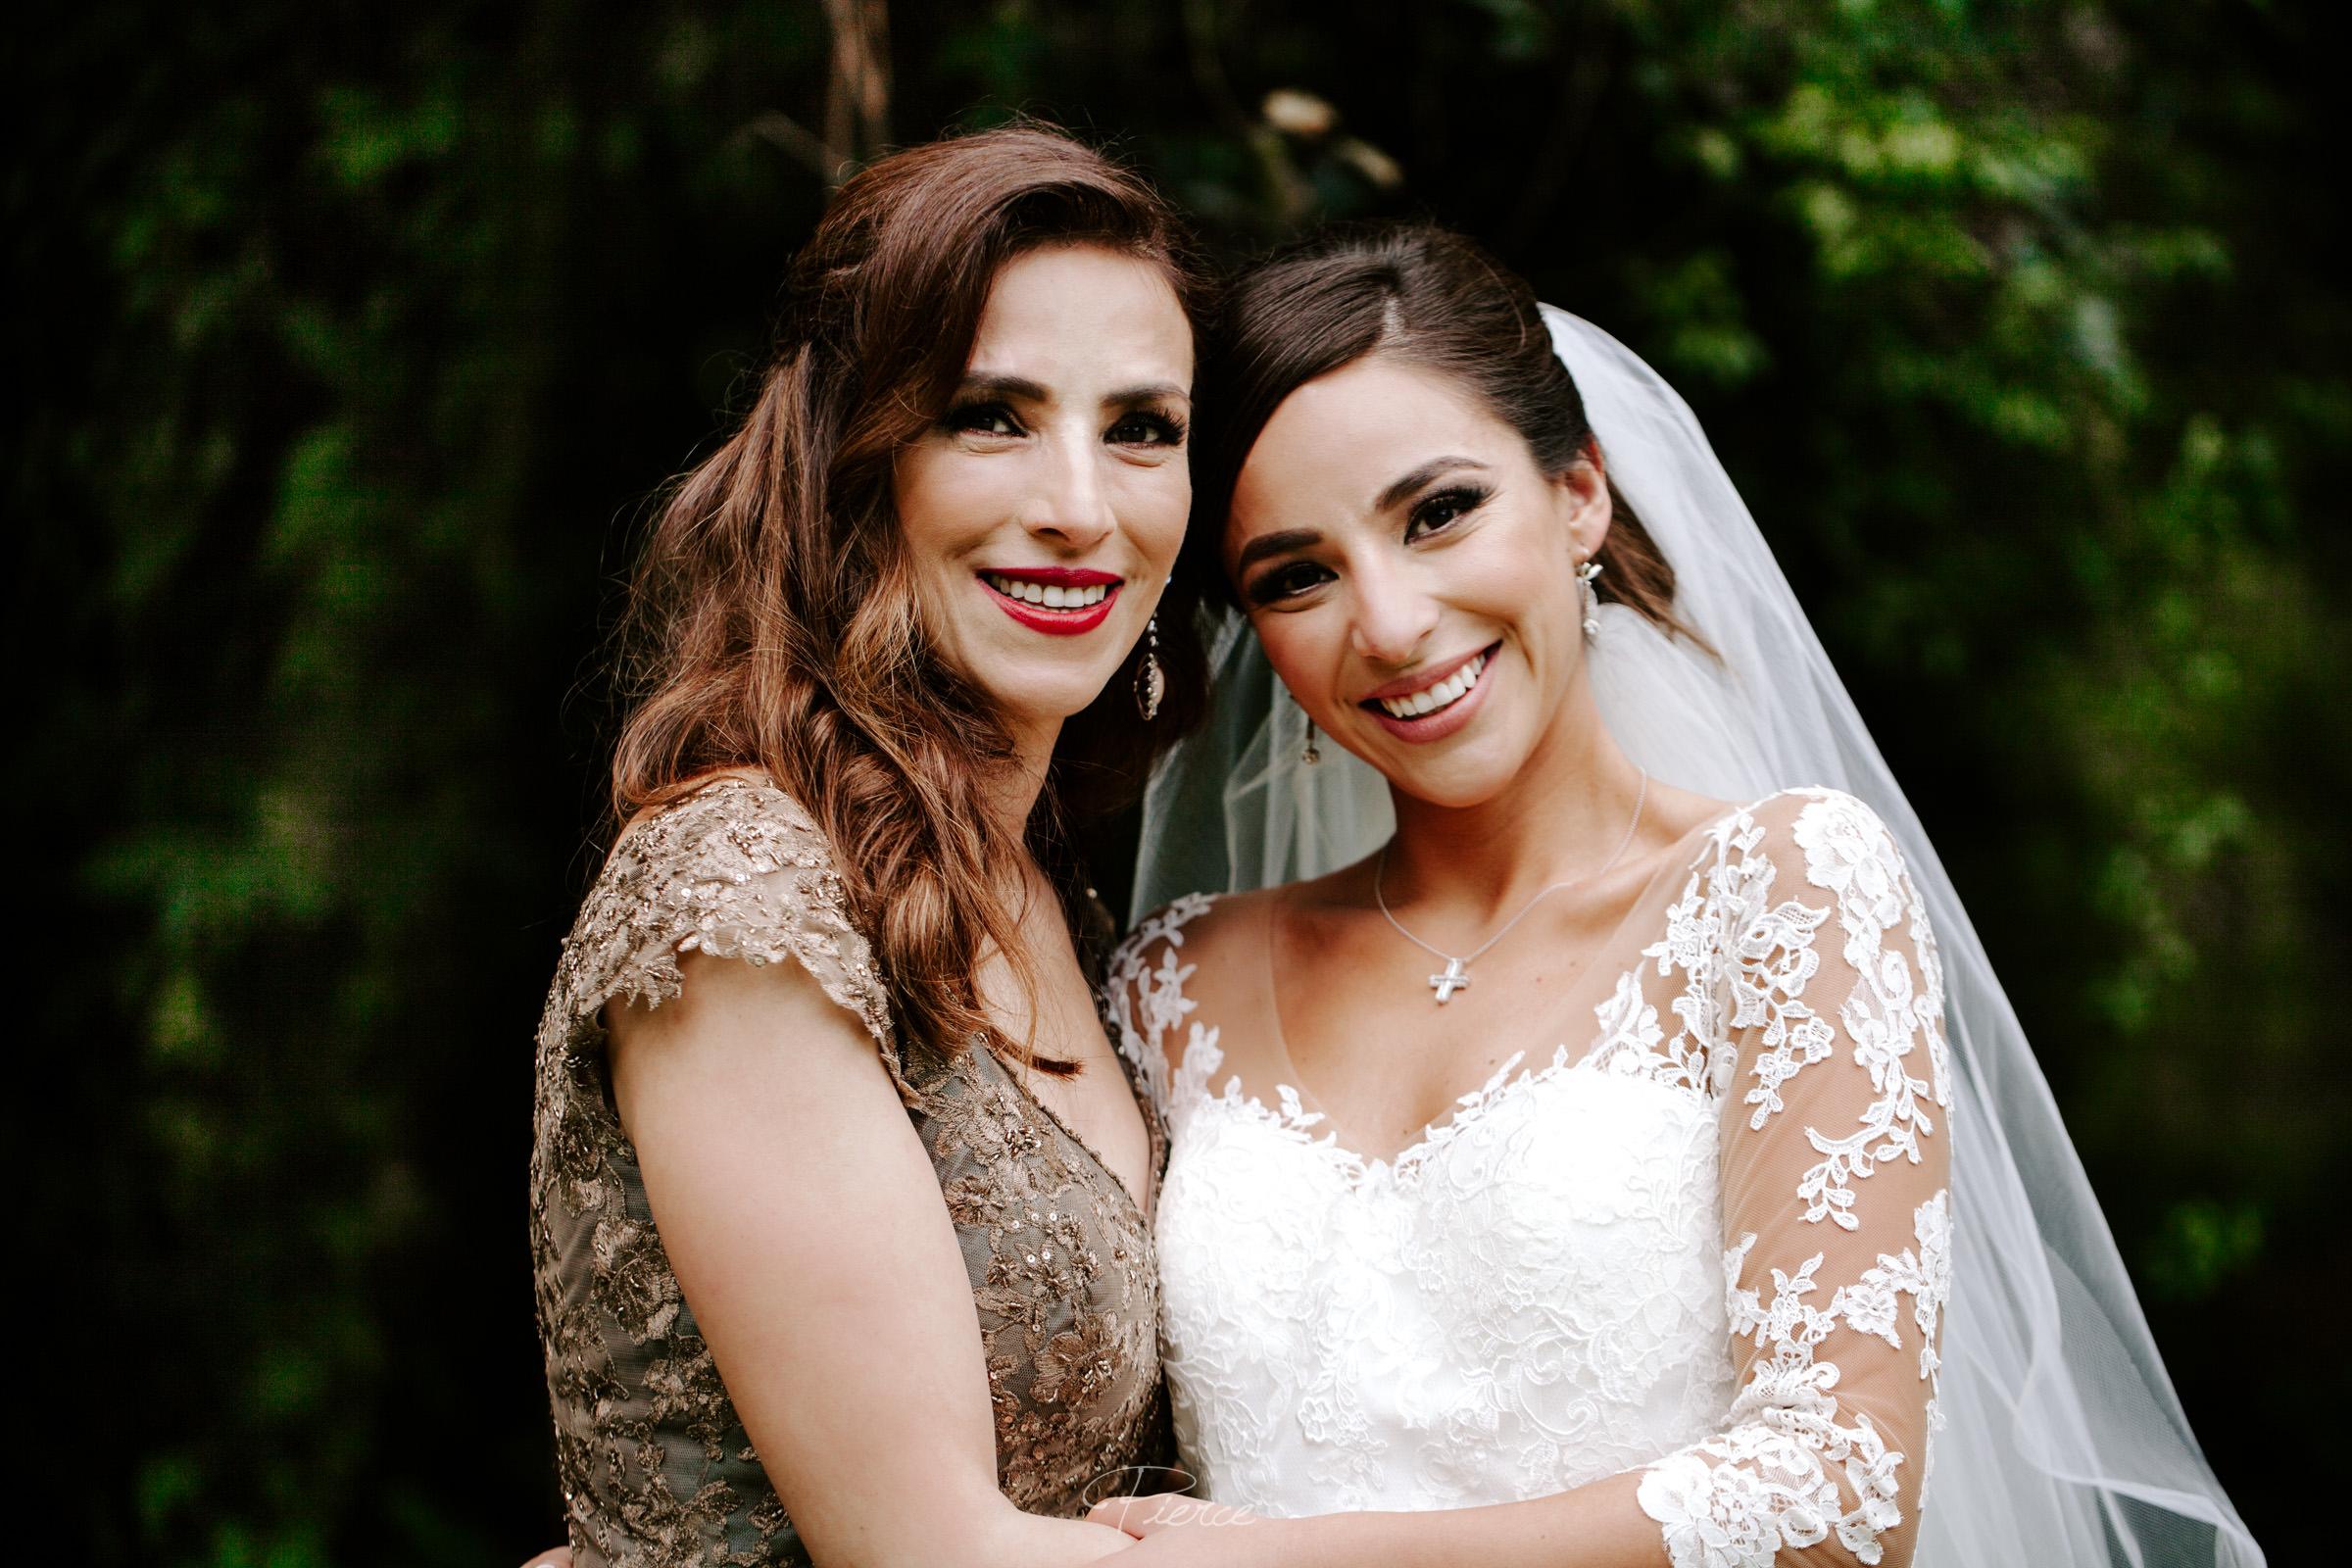 fotografia-de-boda-valle-de-bravo-mexico-rosmarino-pierce-weddings-0068.JPG